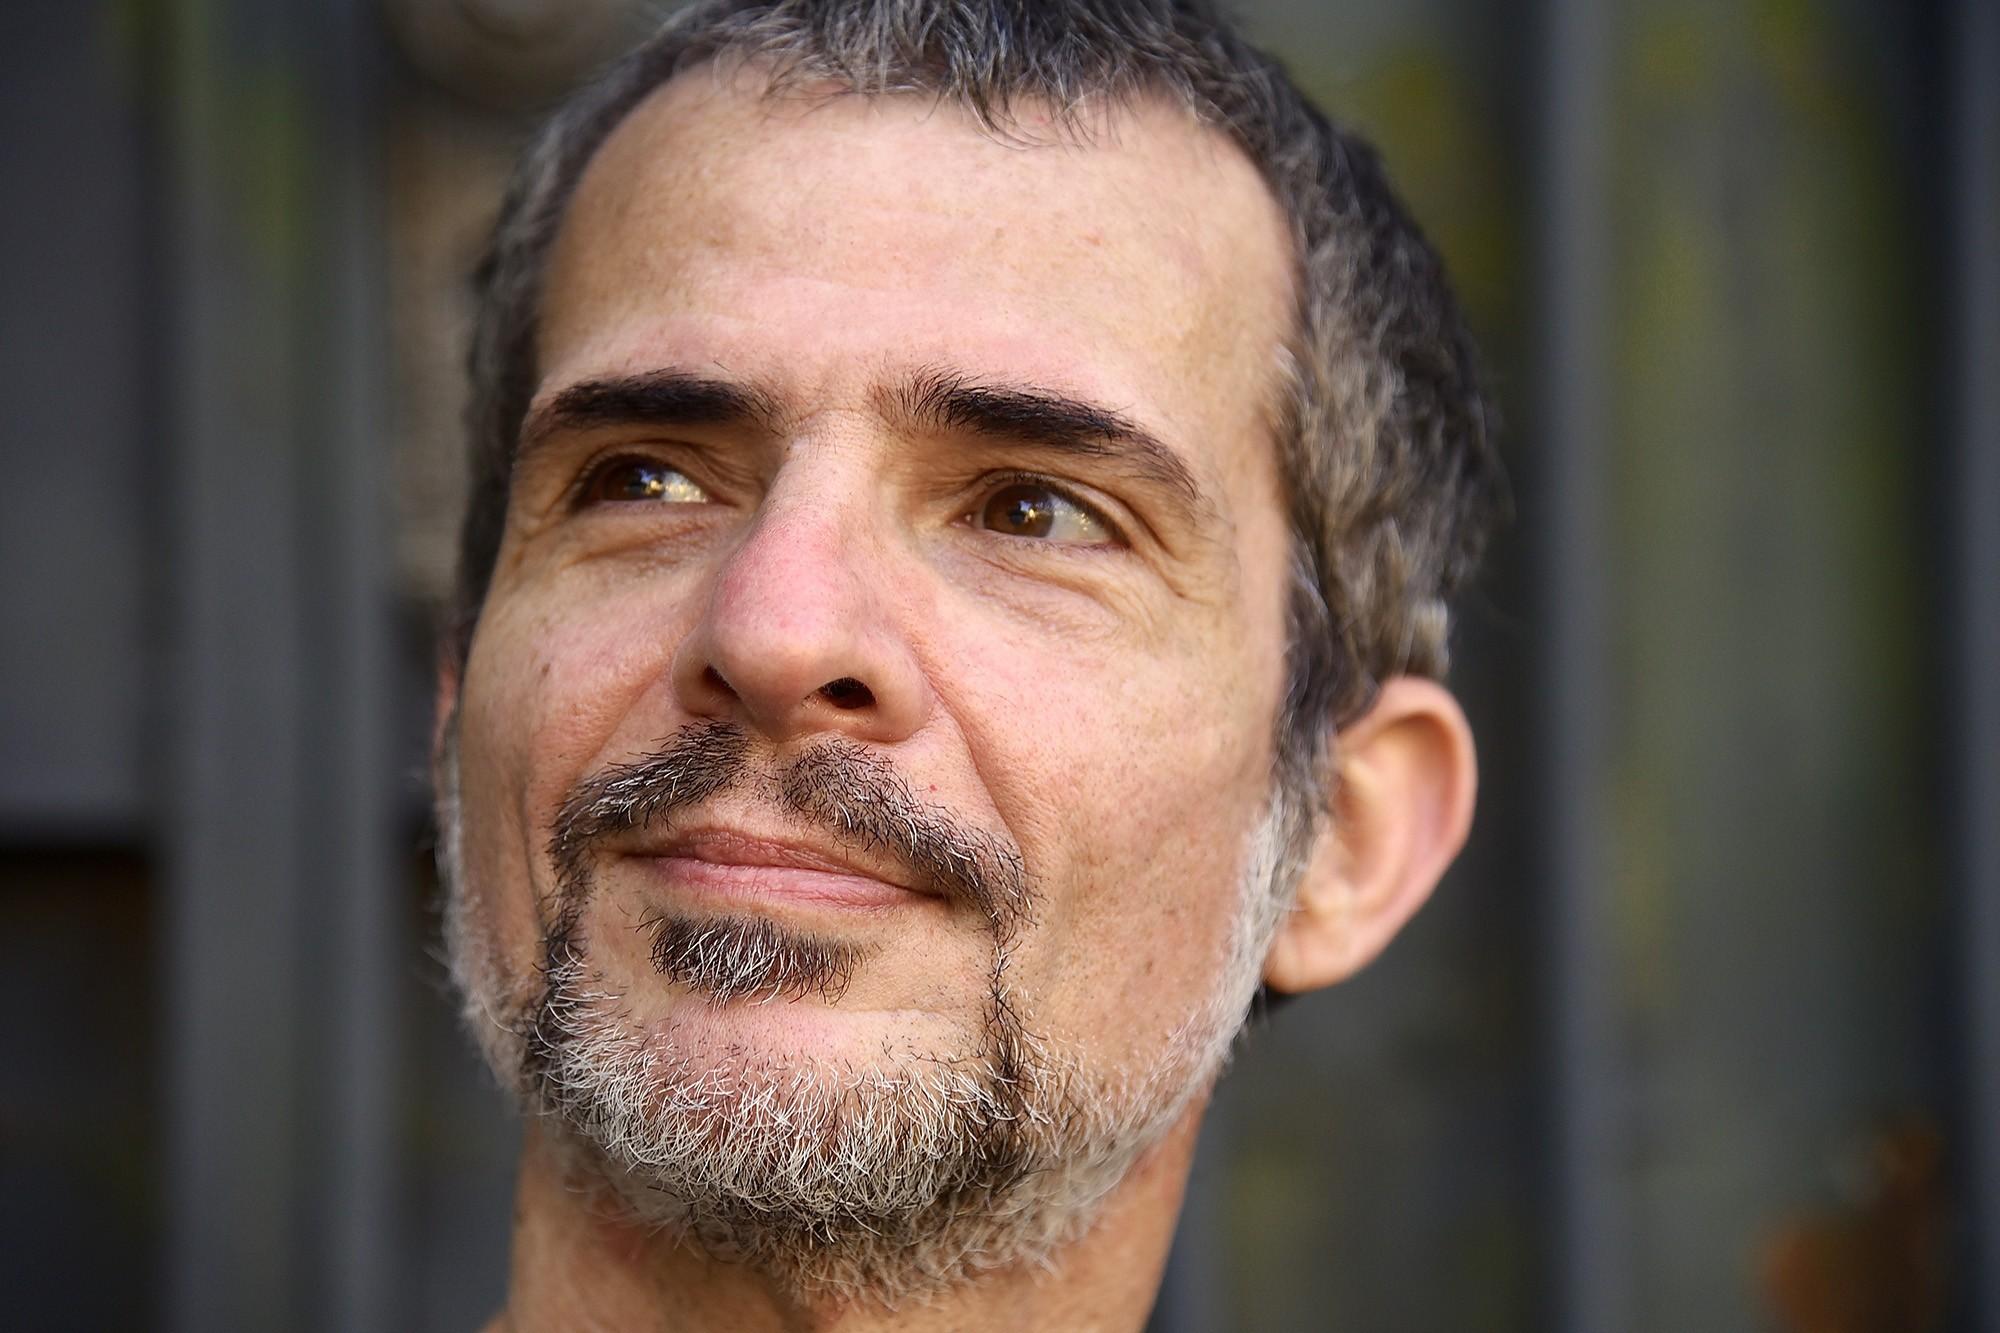 Humberto Effe apresenta 'Frágil', música composta sob efeito do isolamento social